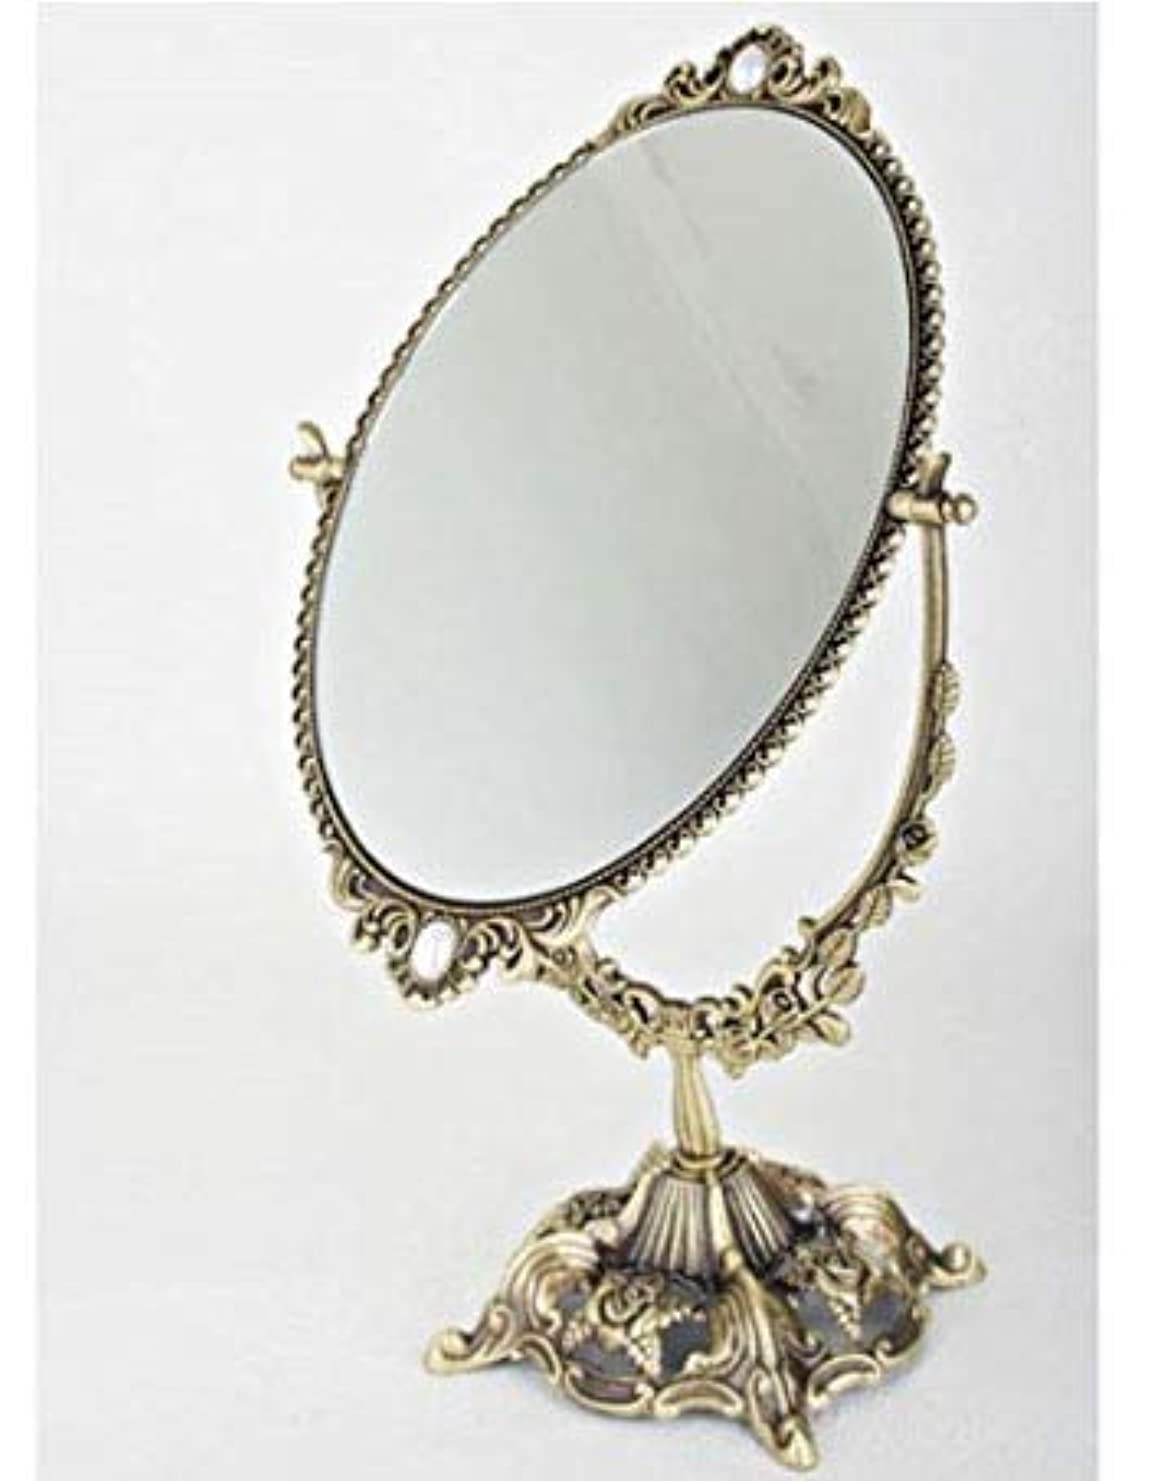 銅材質の鏡, アンティーク?両面卓上ミラー … ローズ鏡 大きいサイズ、横21センチx立て38センチ、、